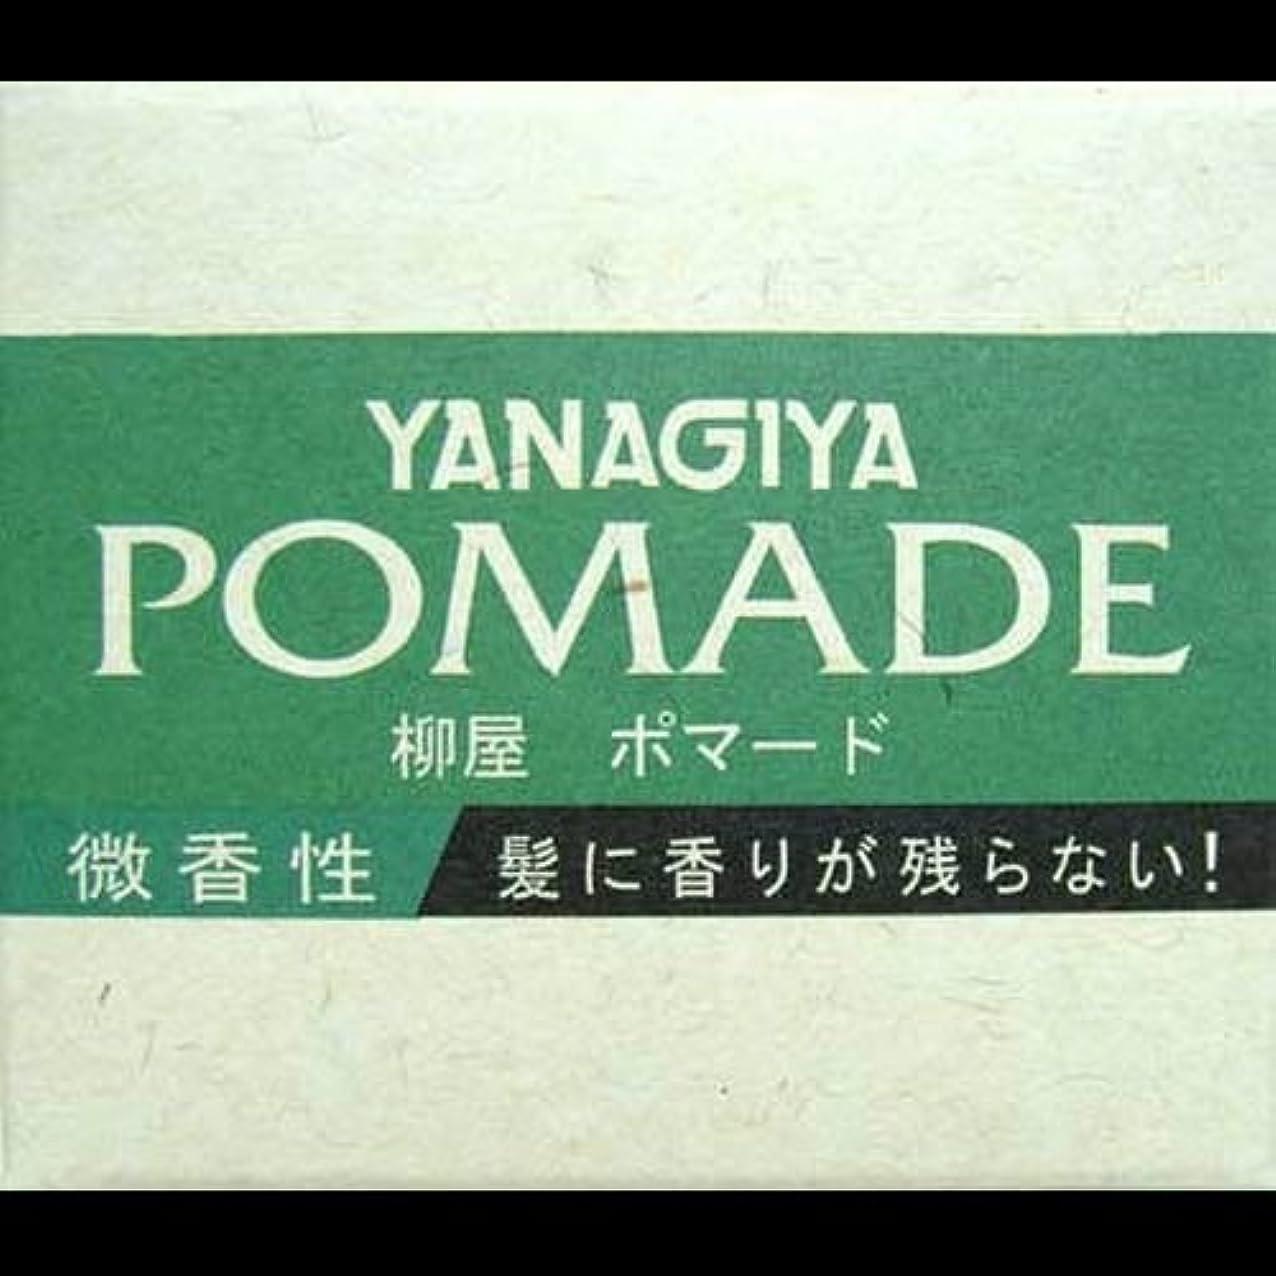 エミュレートする余韻貫通する【まとめ買い】柳屋 ポマード微香性120g ×2セット